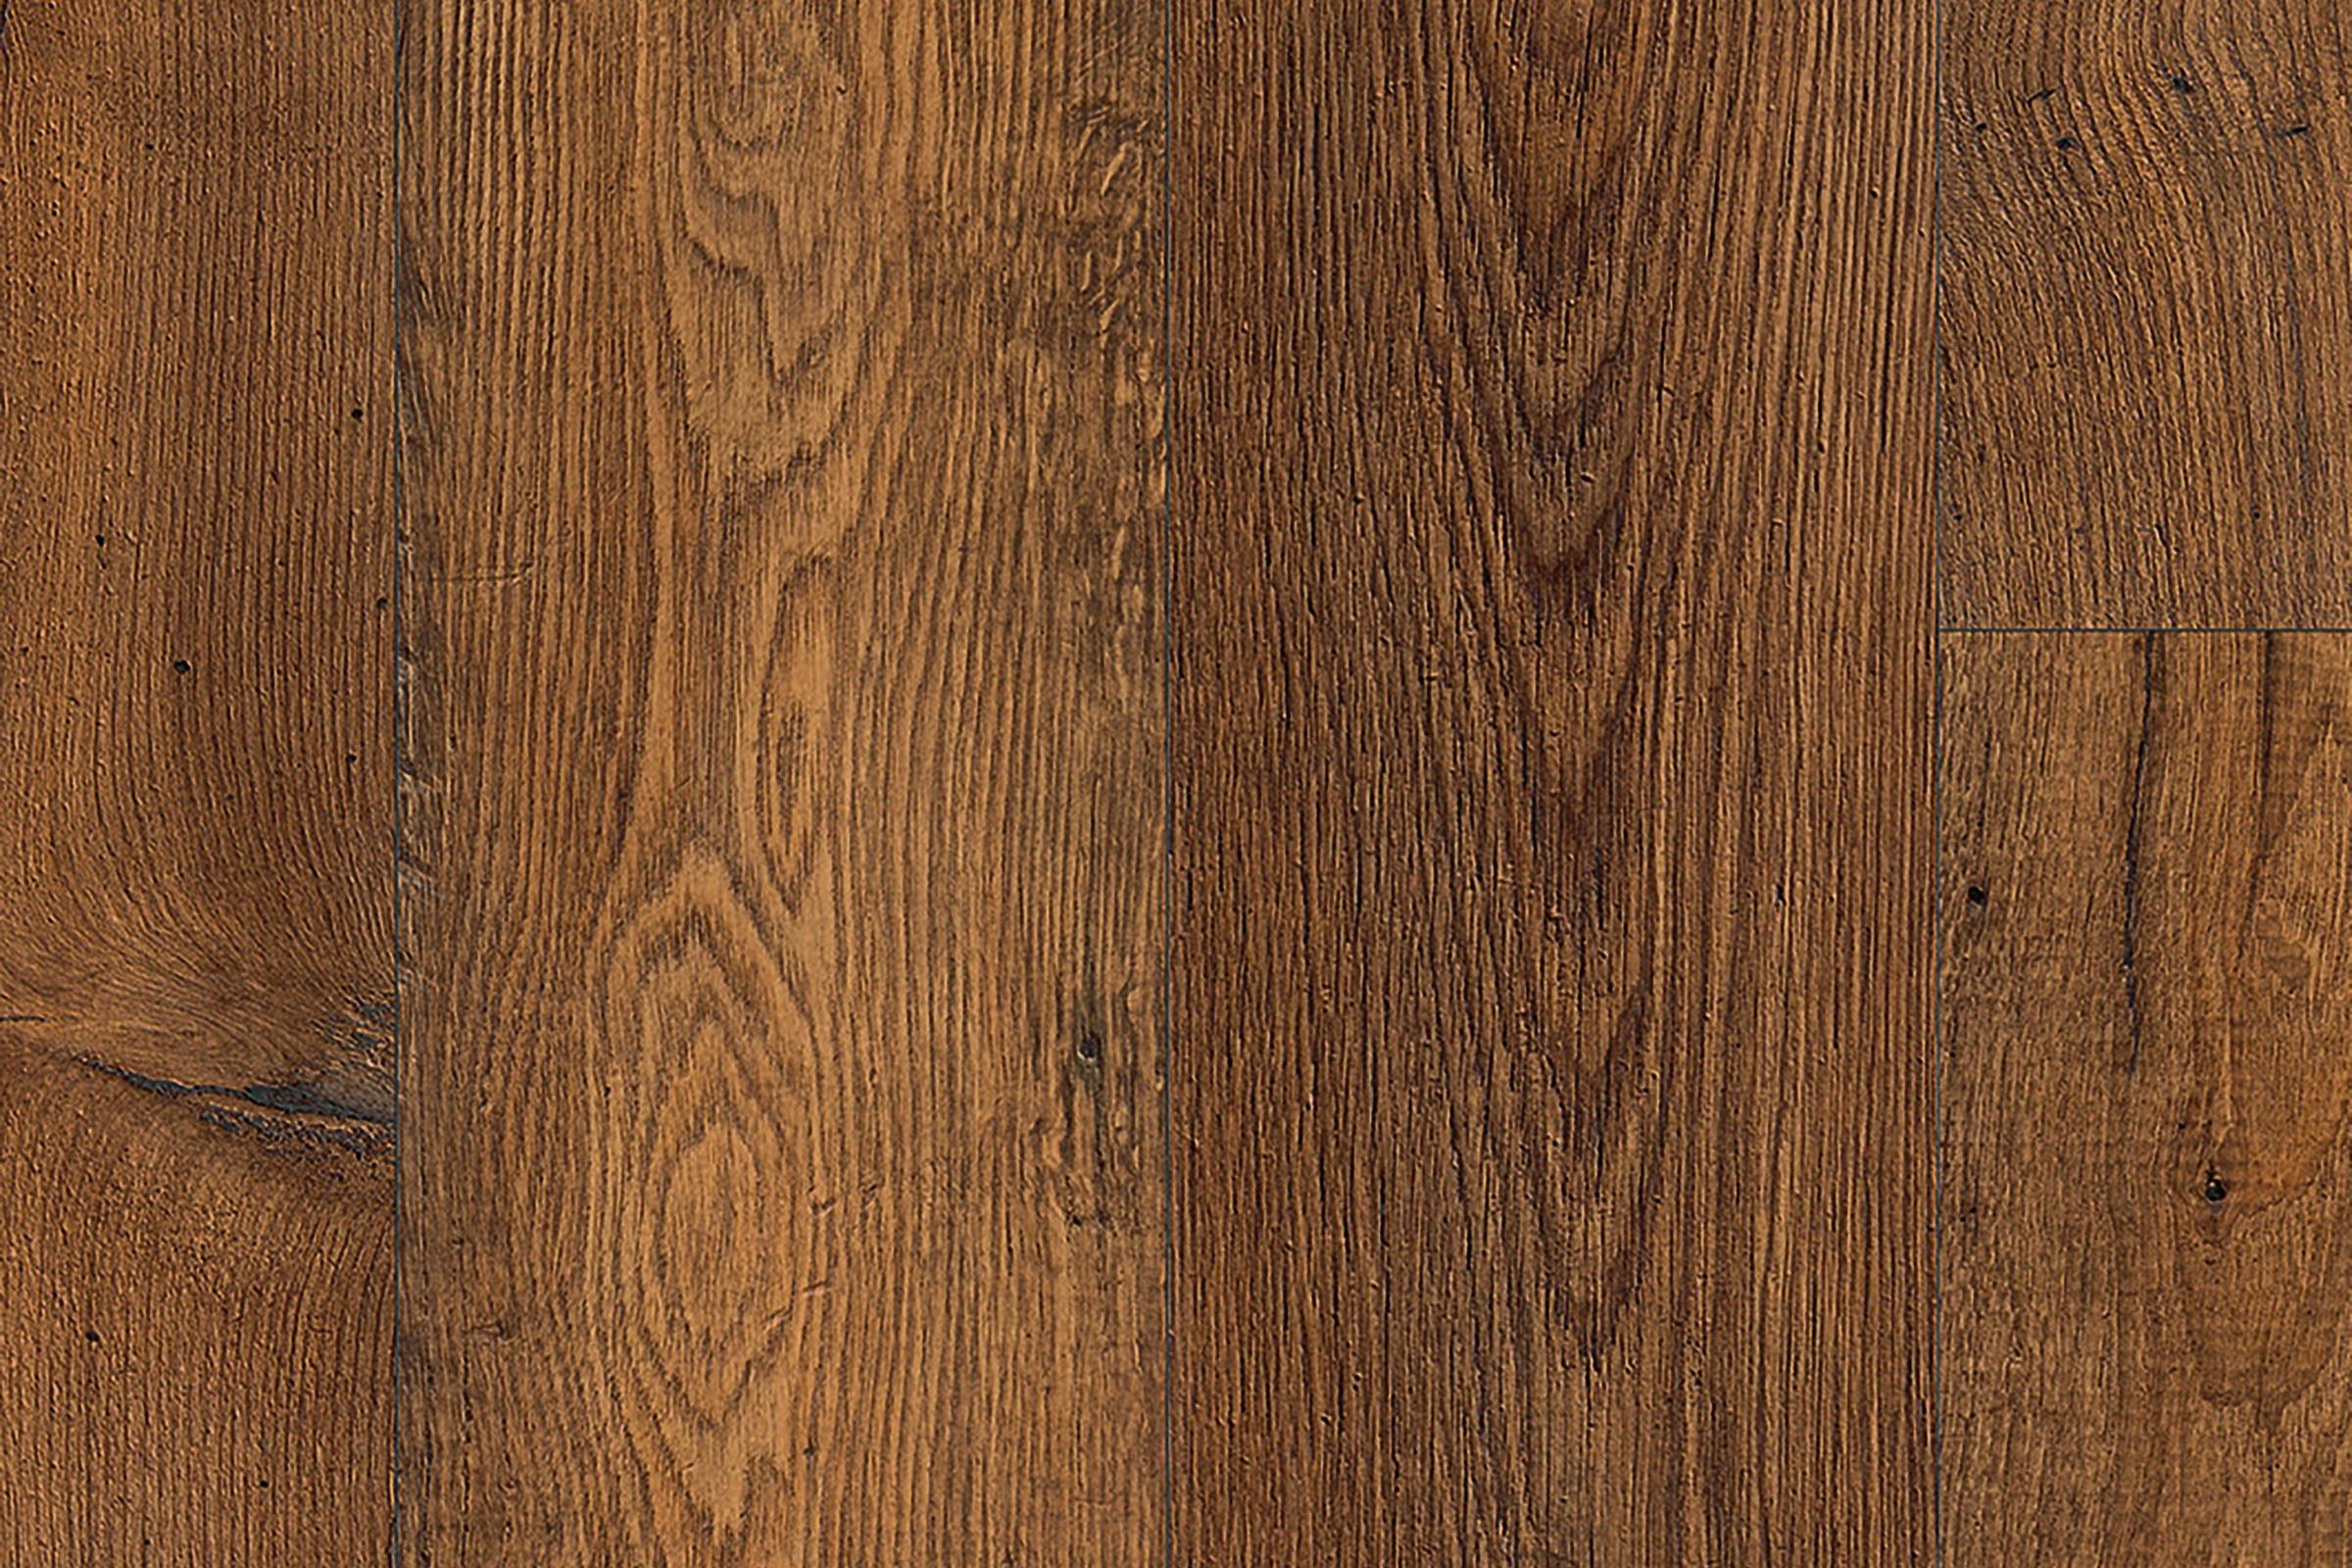 Sydney based Laminate Flooring Company